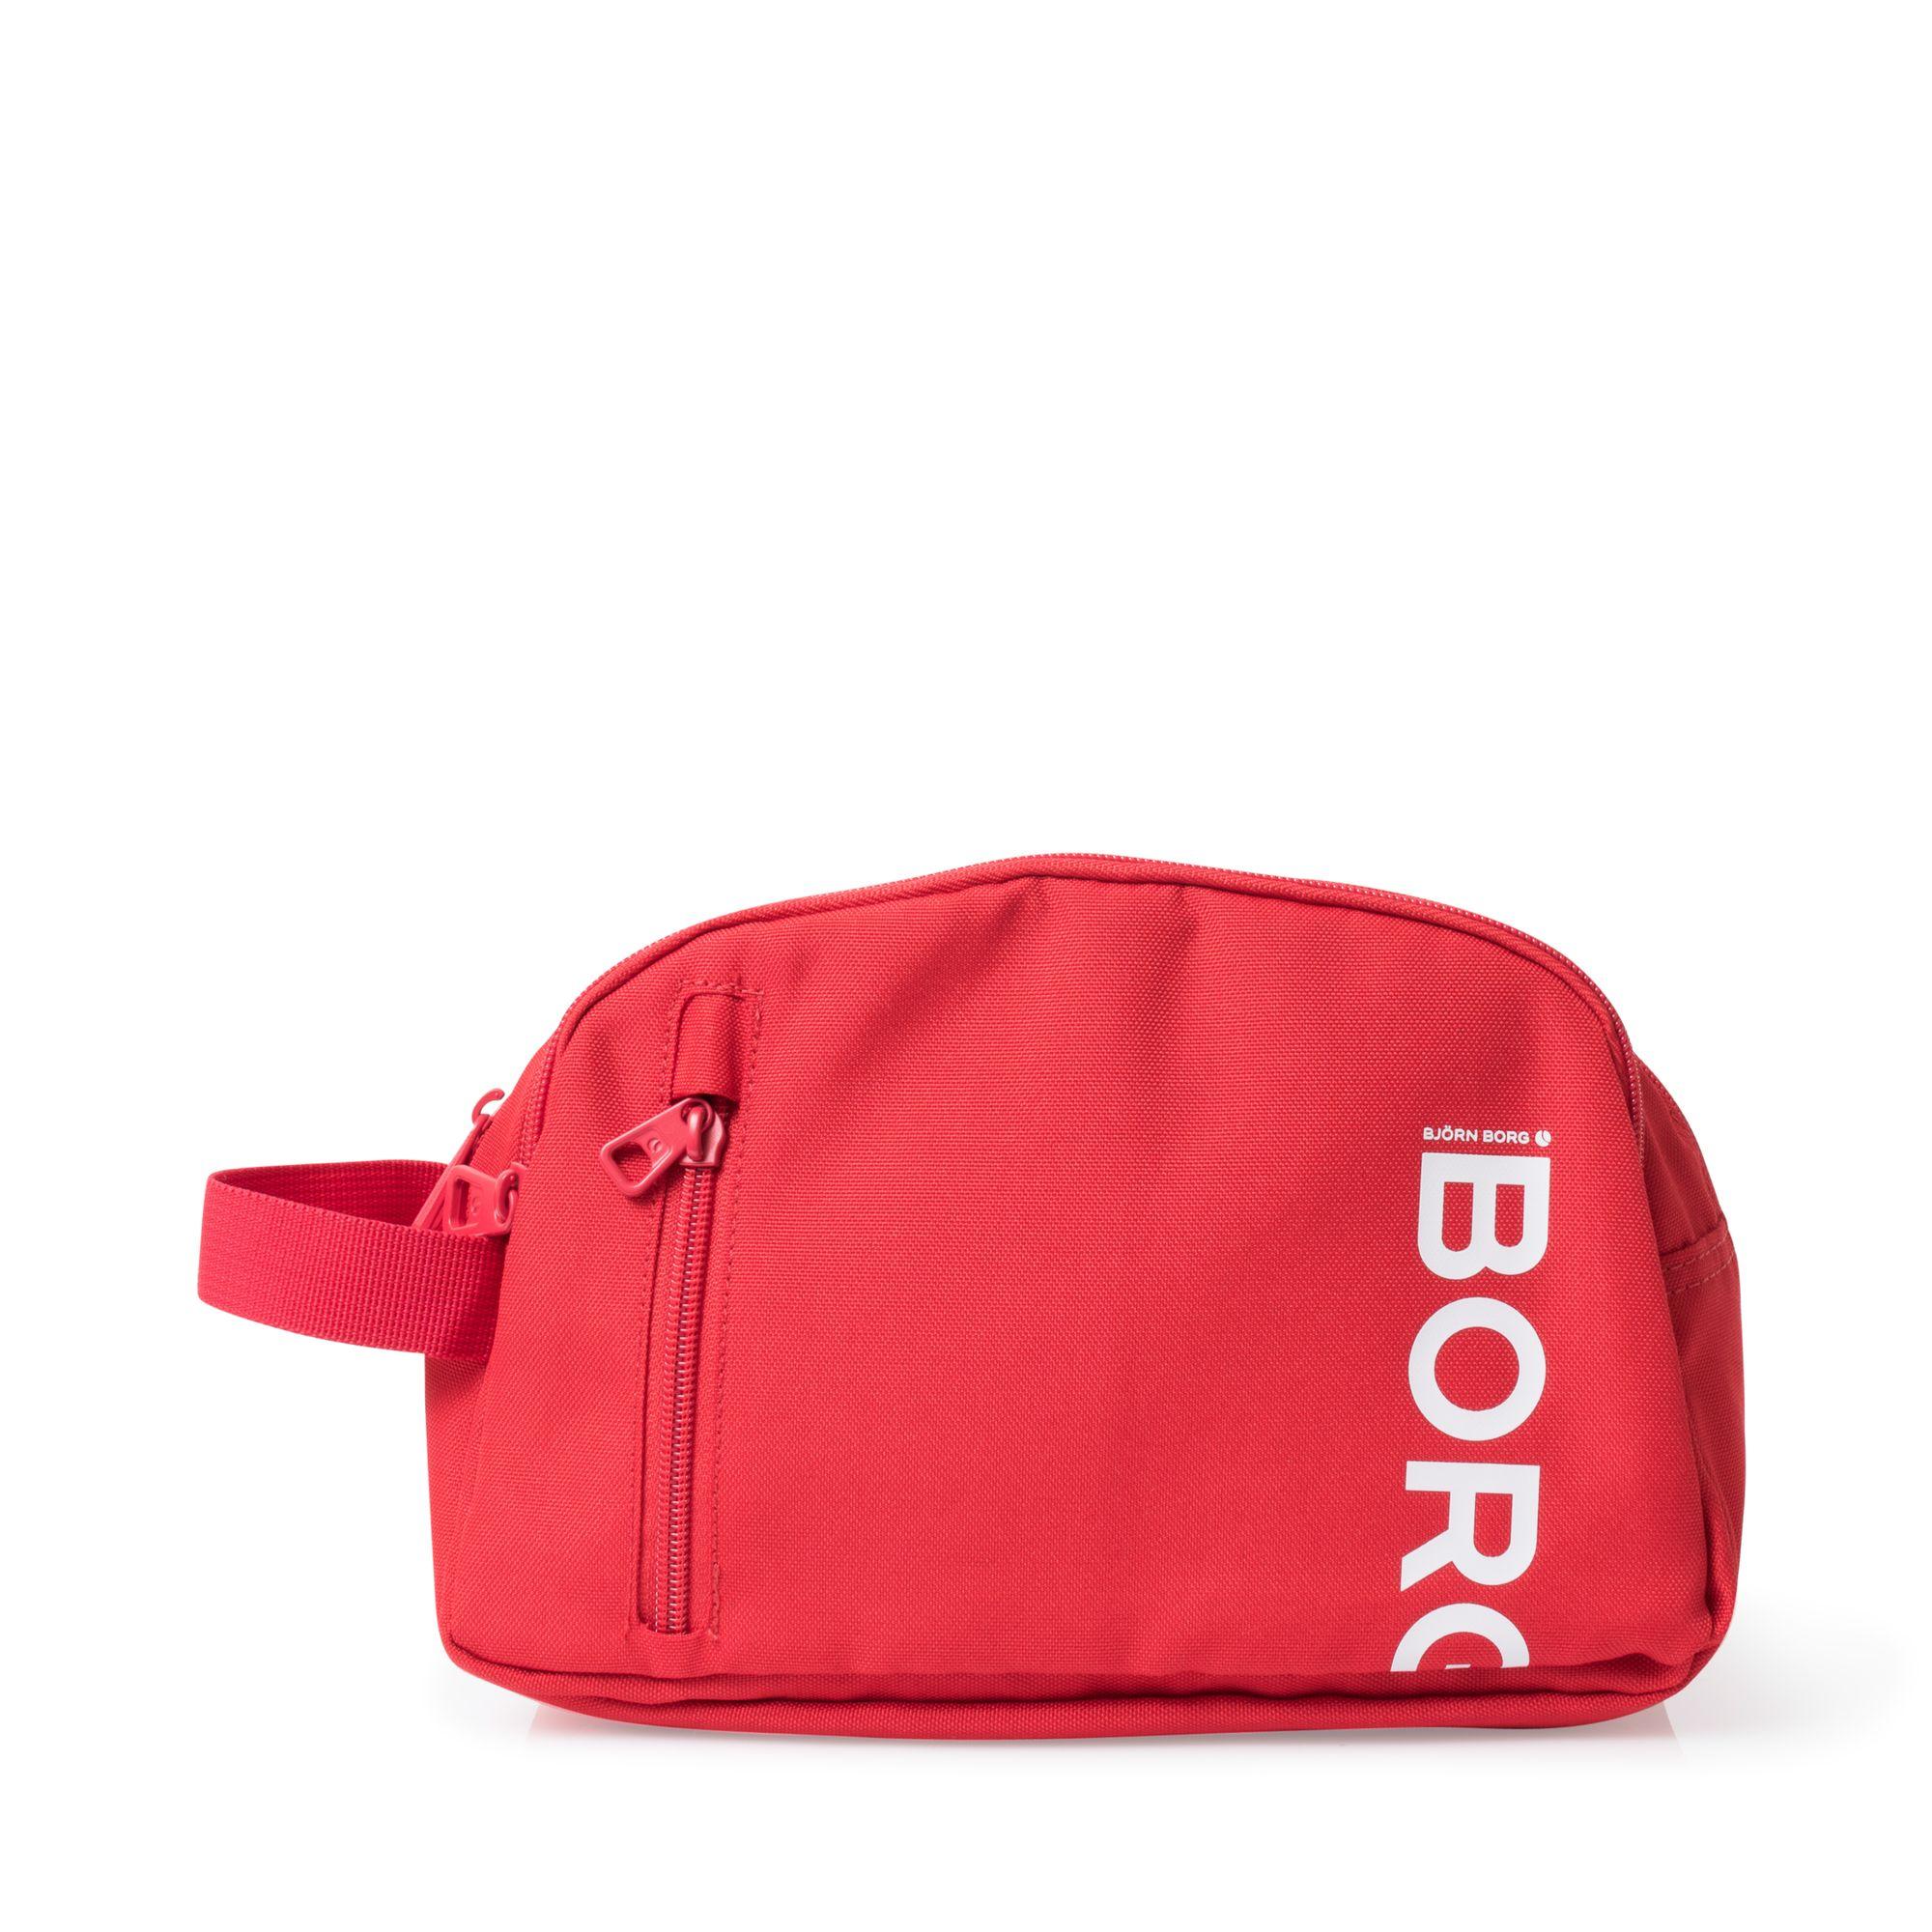 Björn Borg Core 7007 necessär, Röd